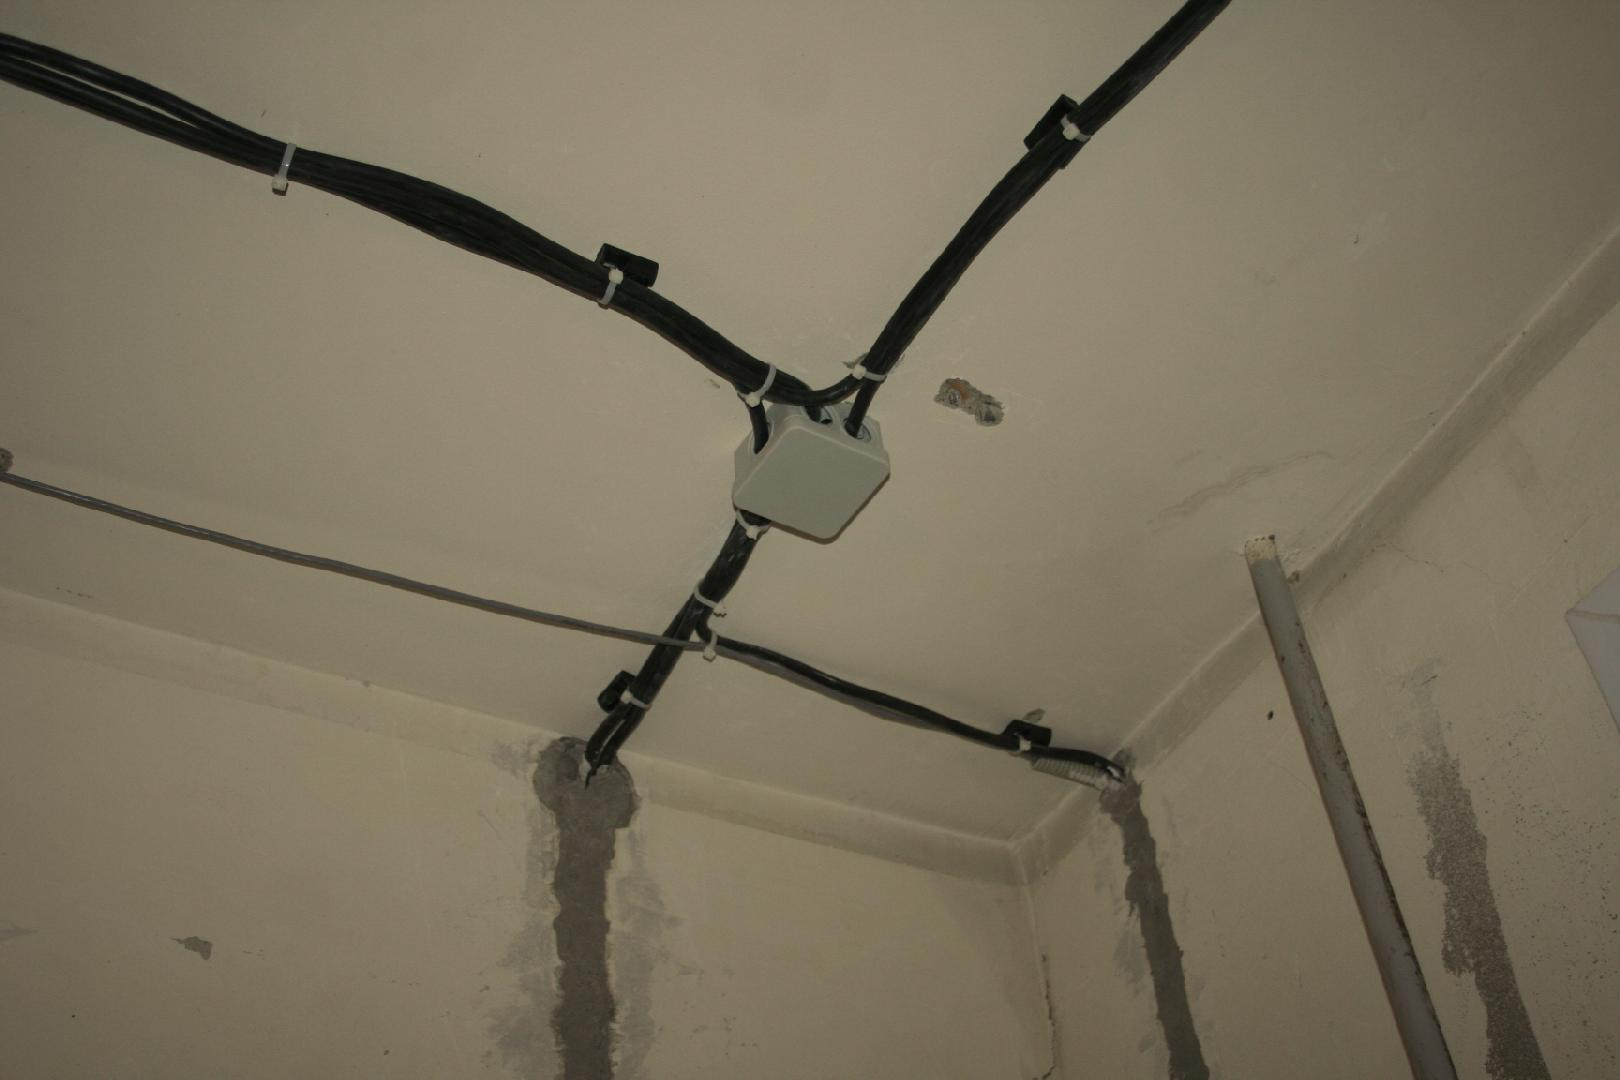 Правила крепления проводов и кабелей при прокладывании электропроводки